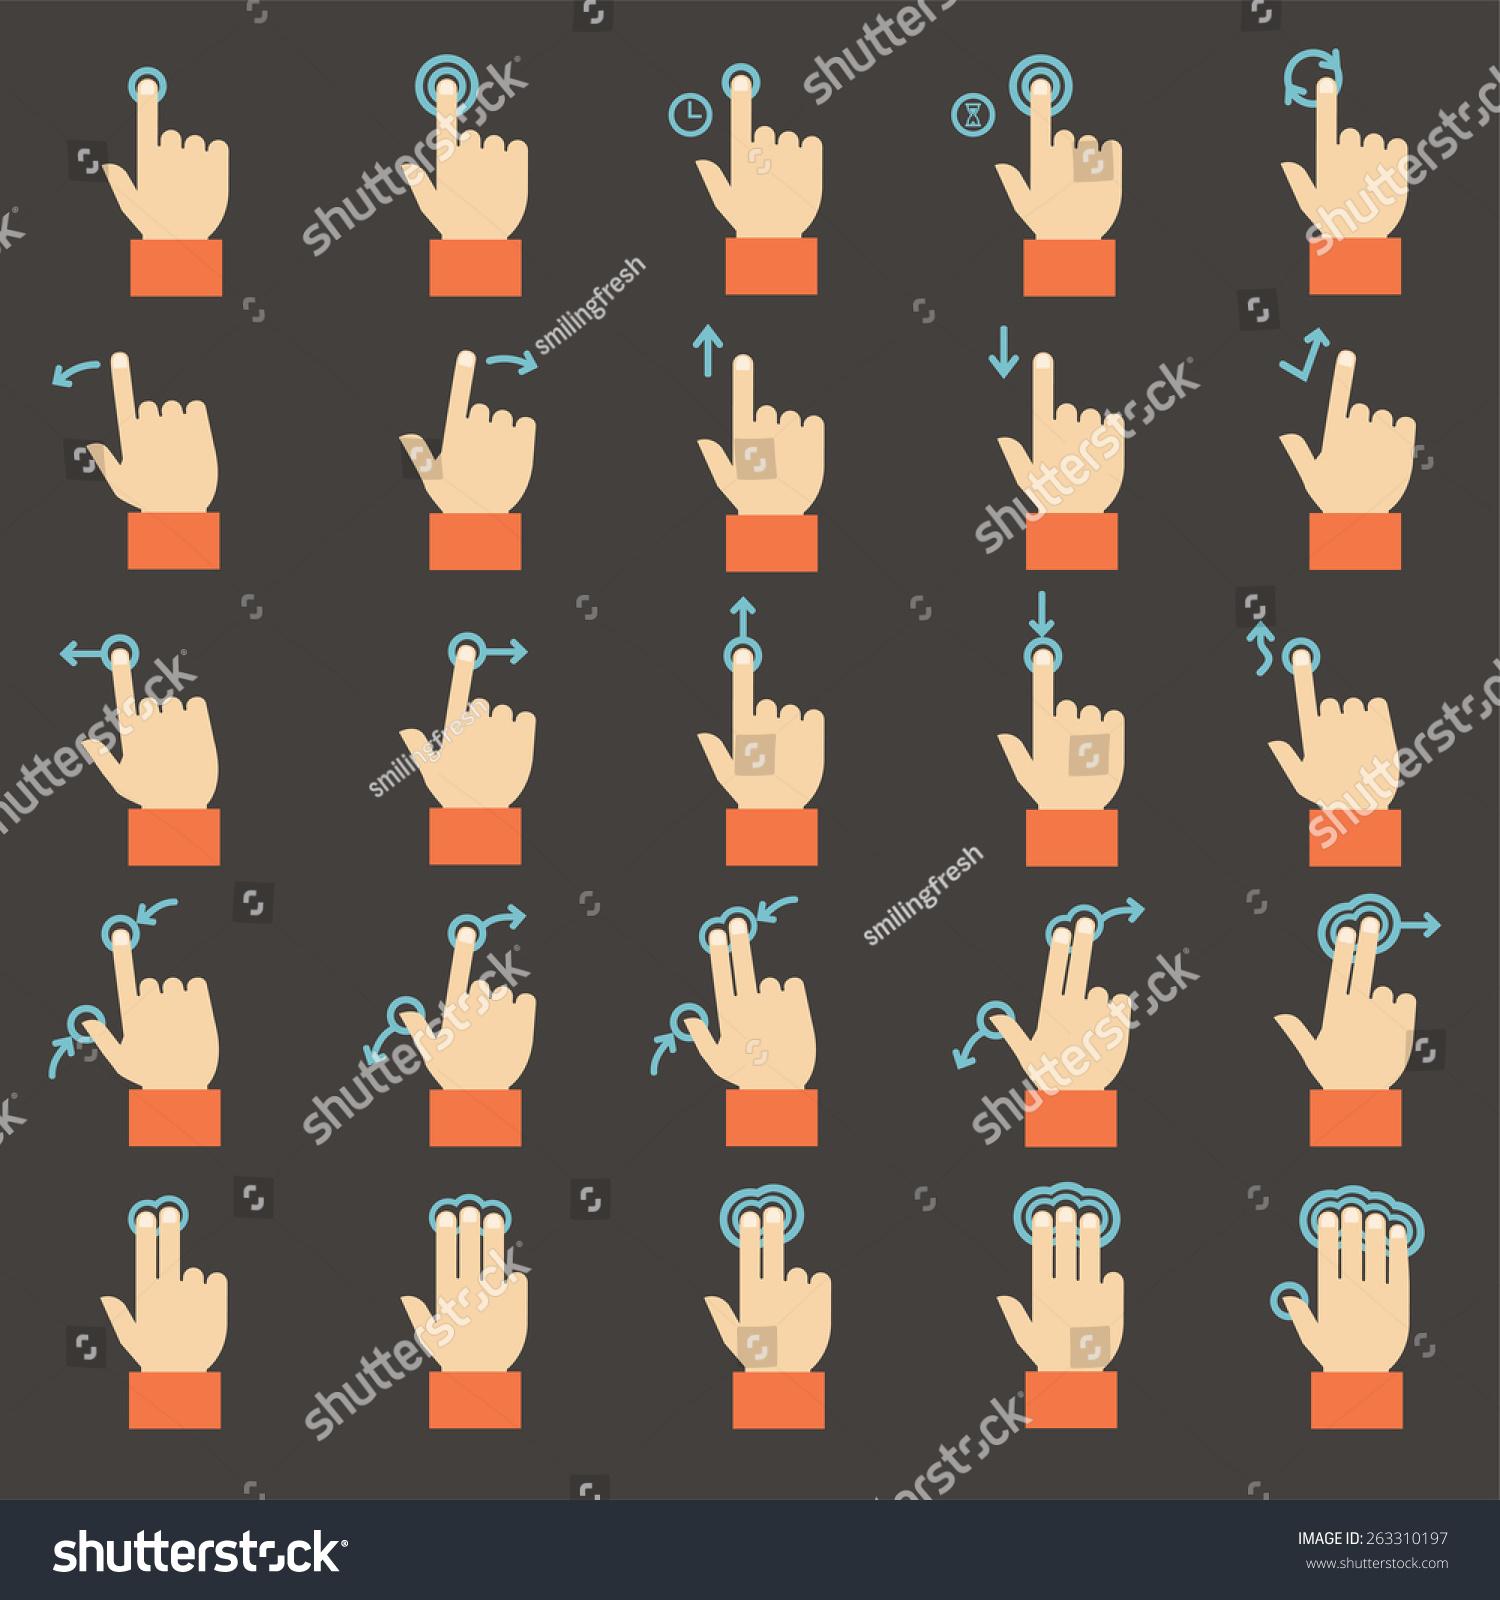 触控手势图标集,平面设计